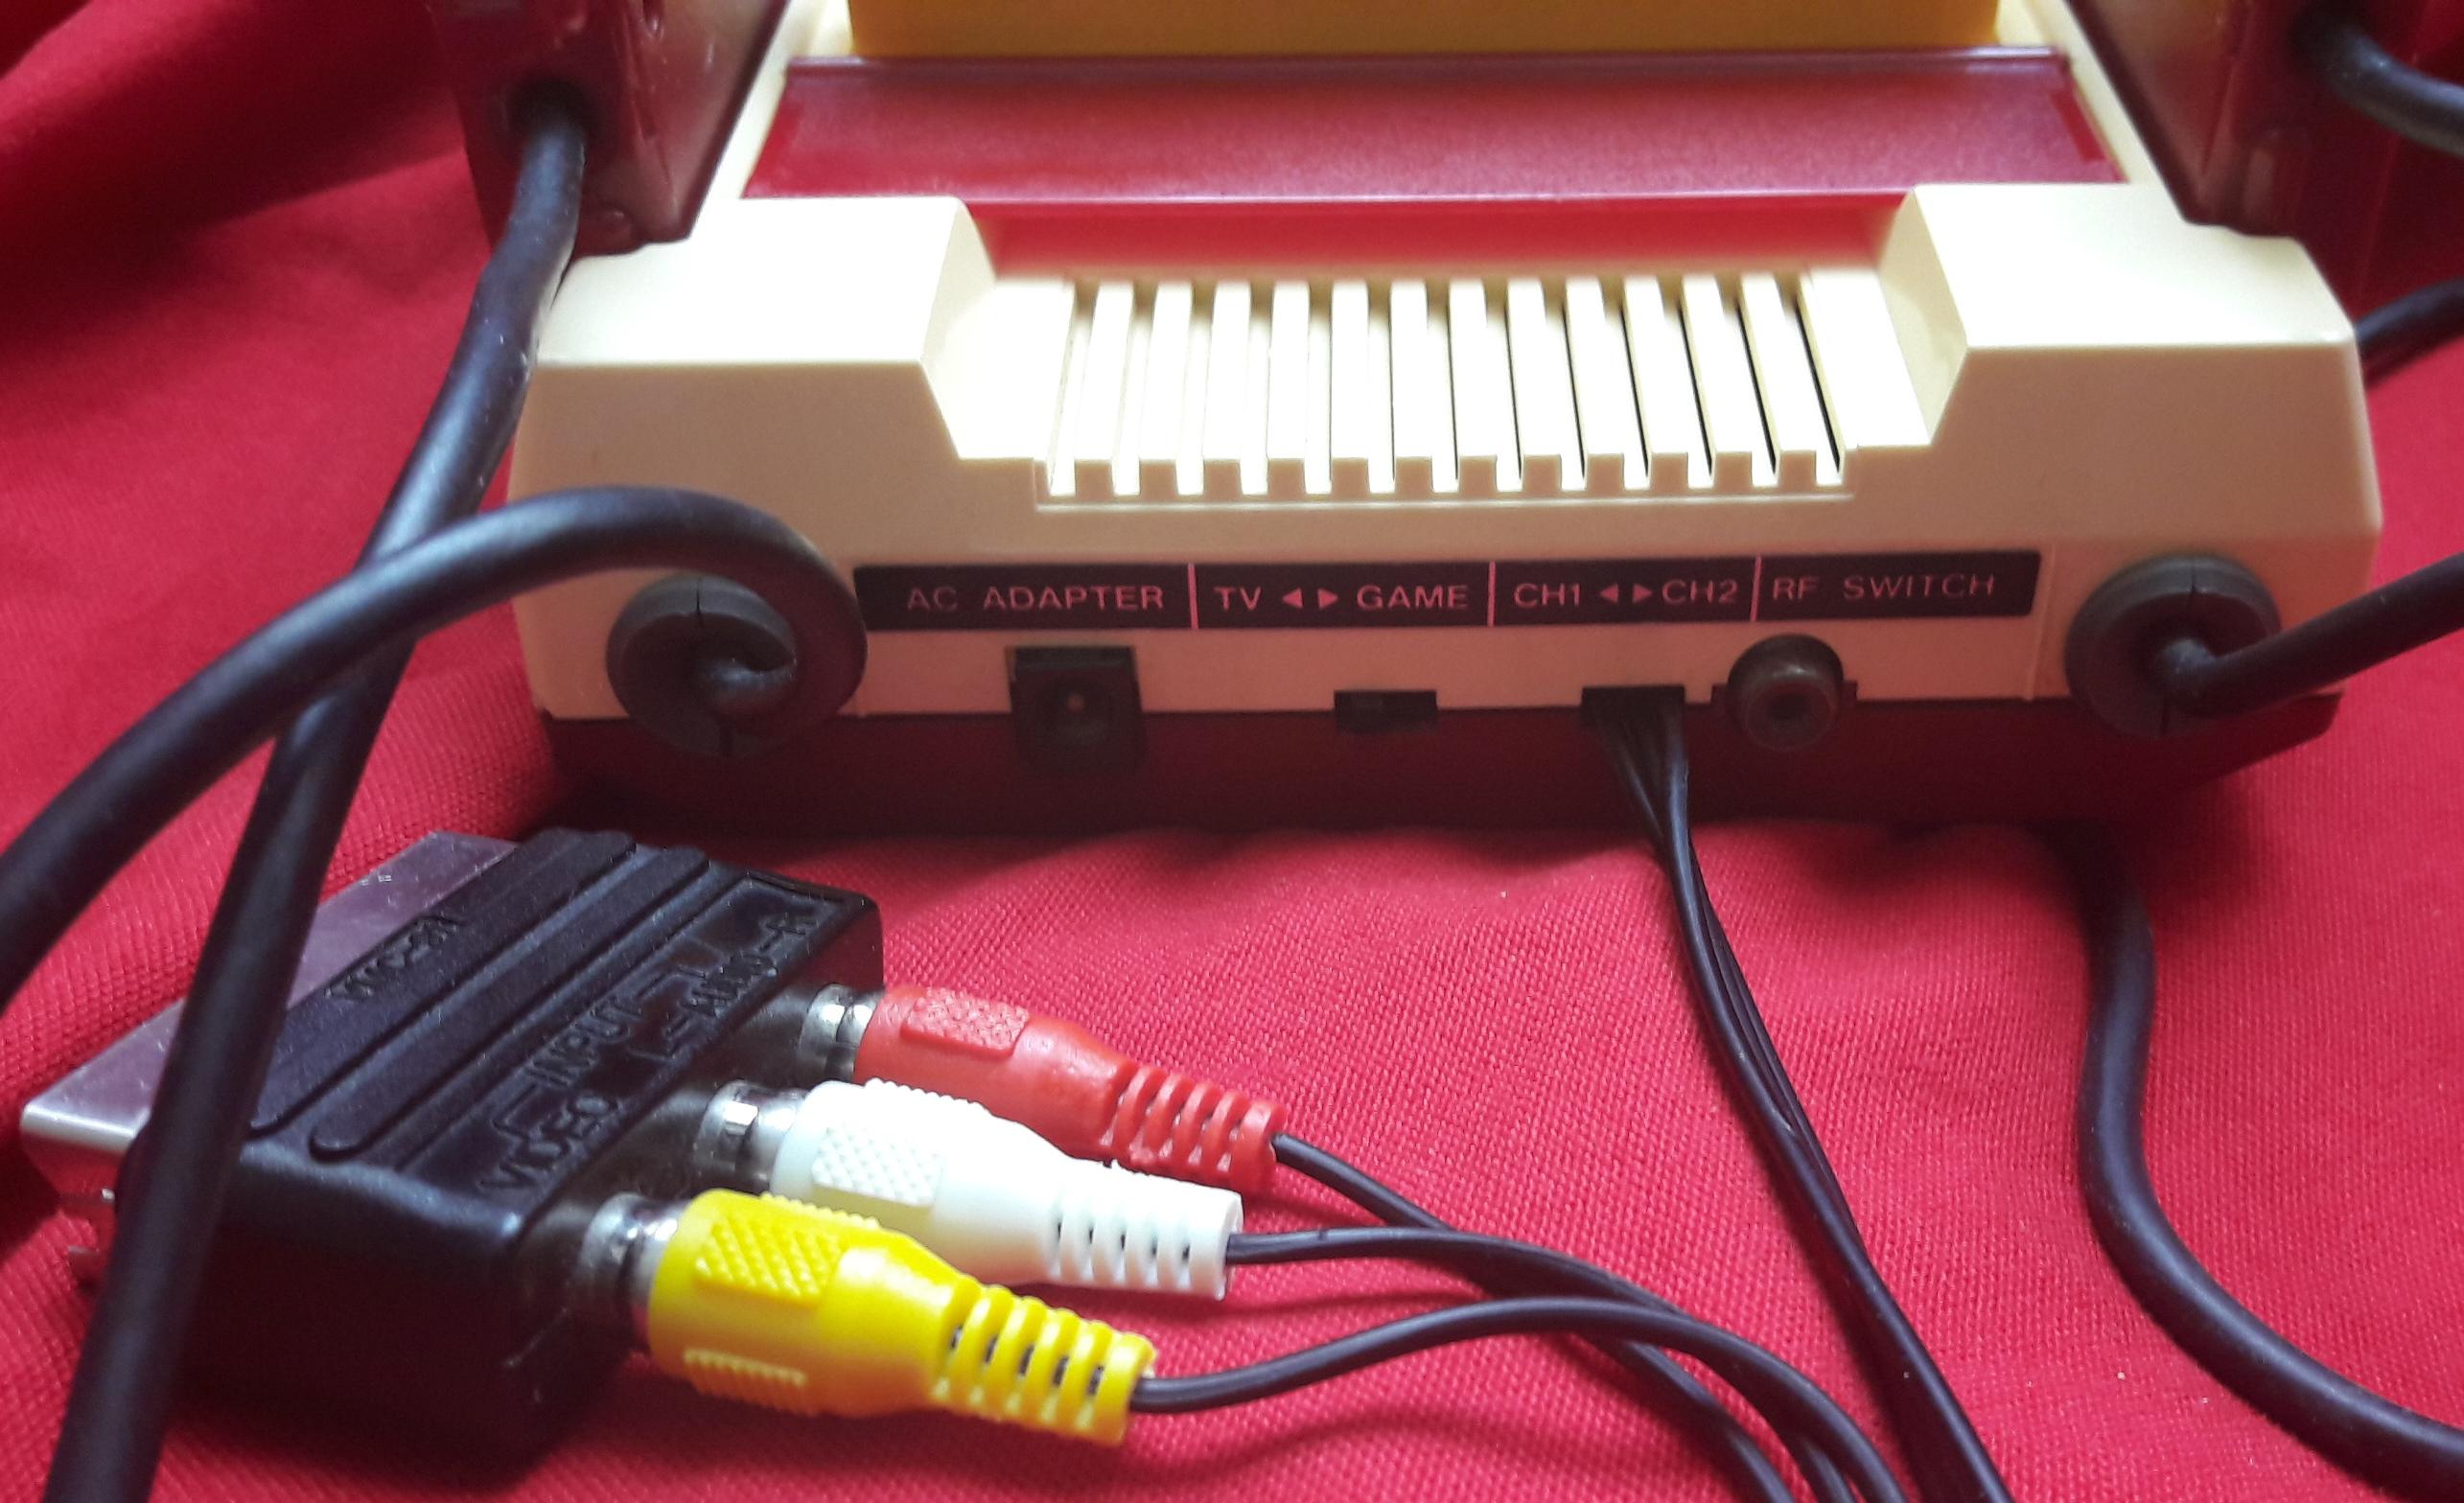 [VDS] Mod/Rep Nintendo: NES / Famicom RCA, SNES Switch.., Disk Syst... 1496323596-4